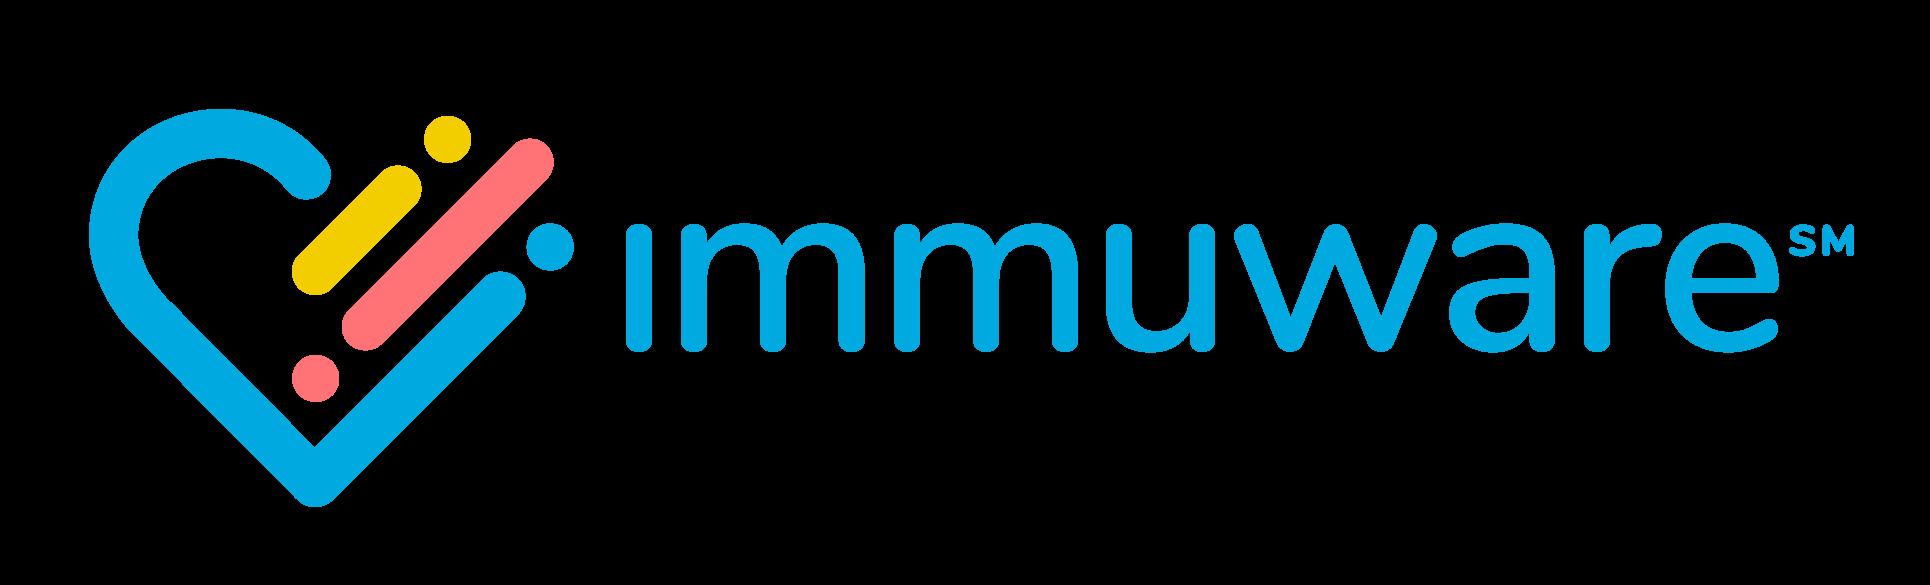 Immuware™